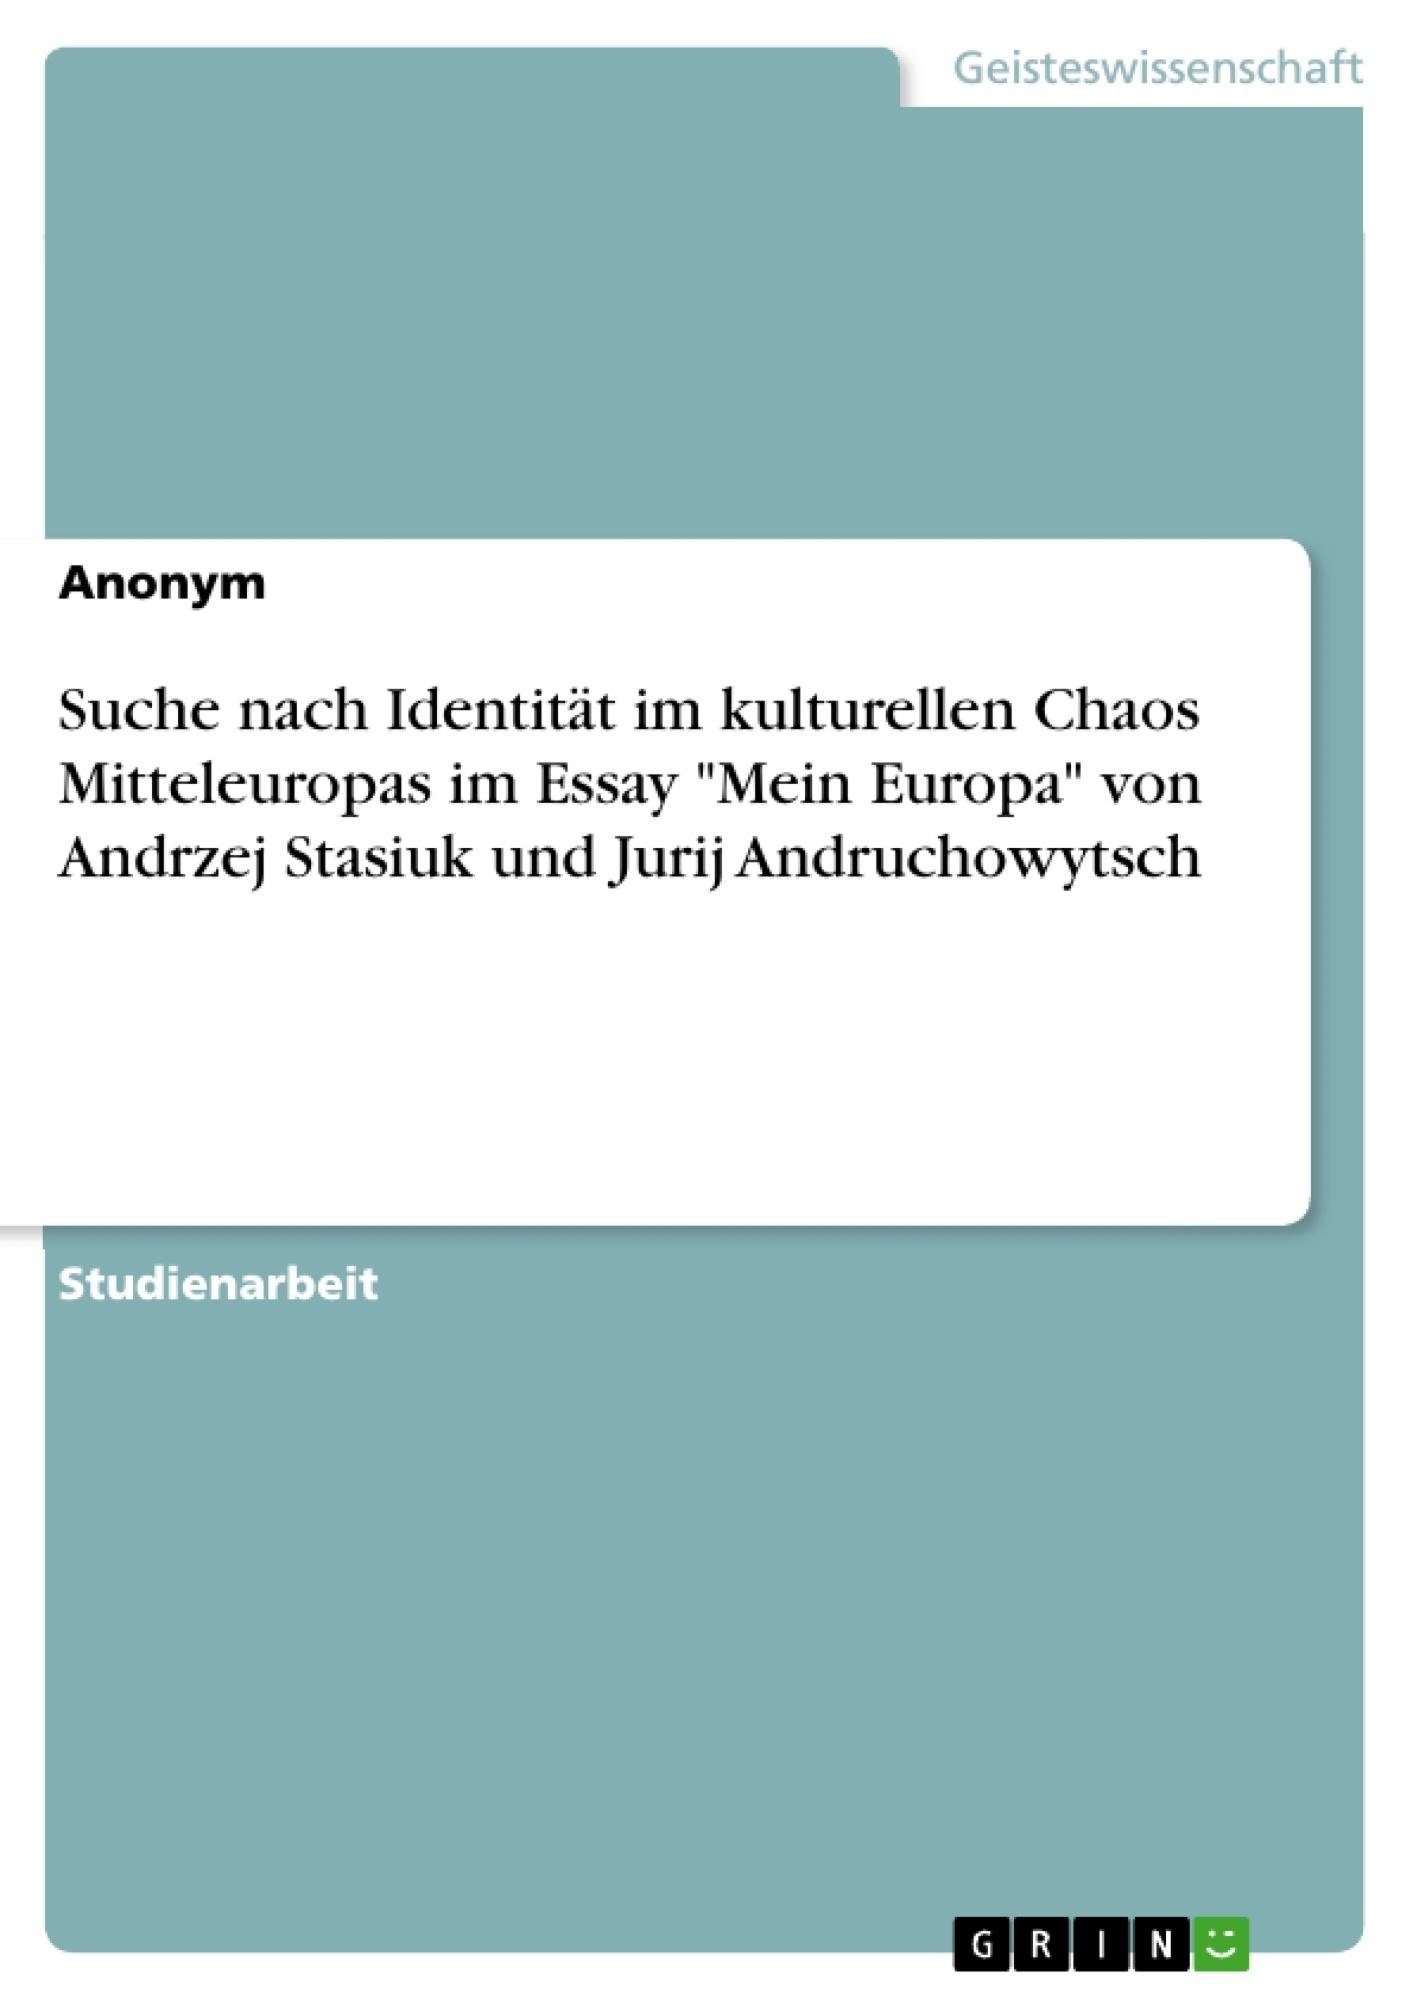 """Titel: Suche nach Identität im kulturellen Chaos Mitteleuropas im Essay """"Mein Europa"""" von Andrzej Stasiuk und Jurij Andruchowytsch"""